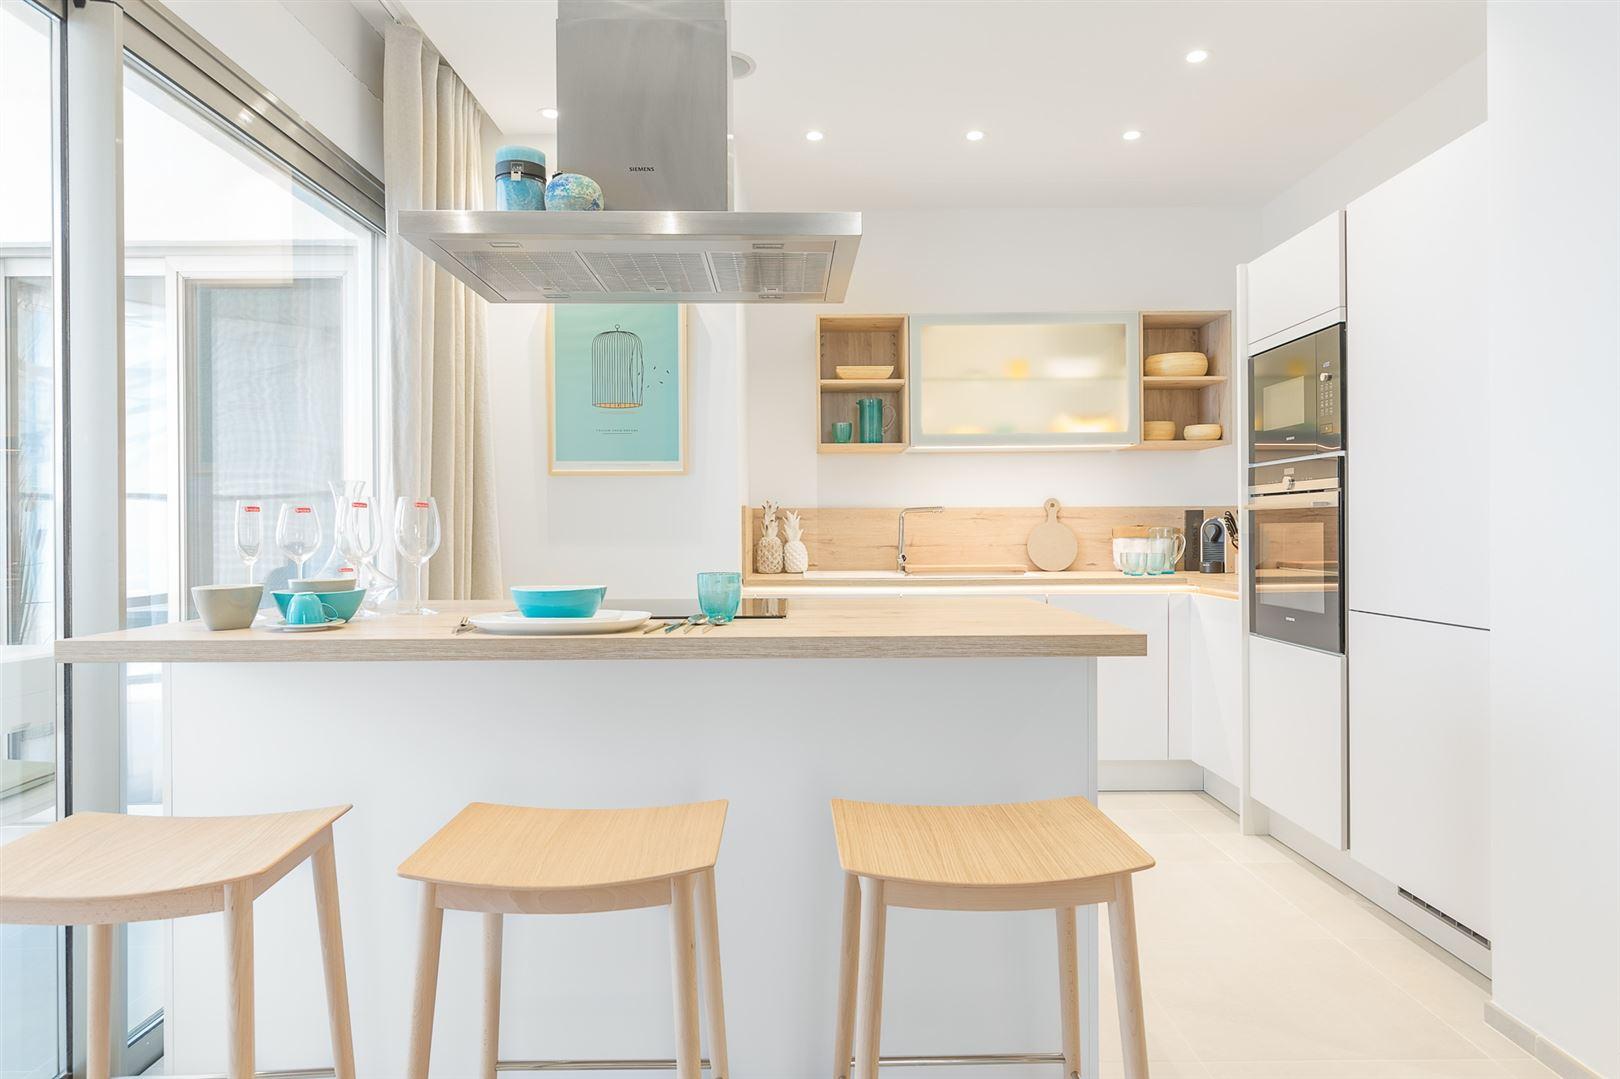 Foto 7 : Appartement te 38632 PALM MAR (Spanje) - Prijs € 450.000